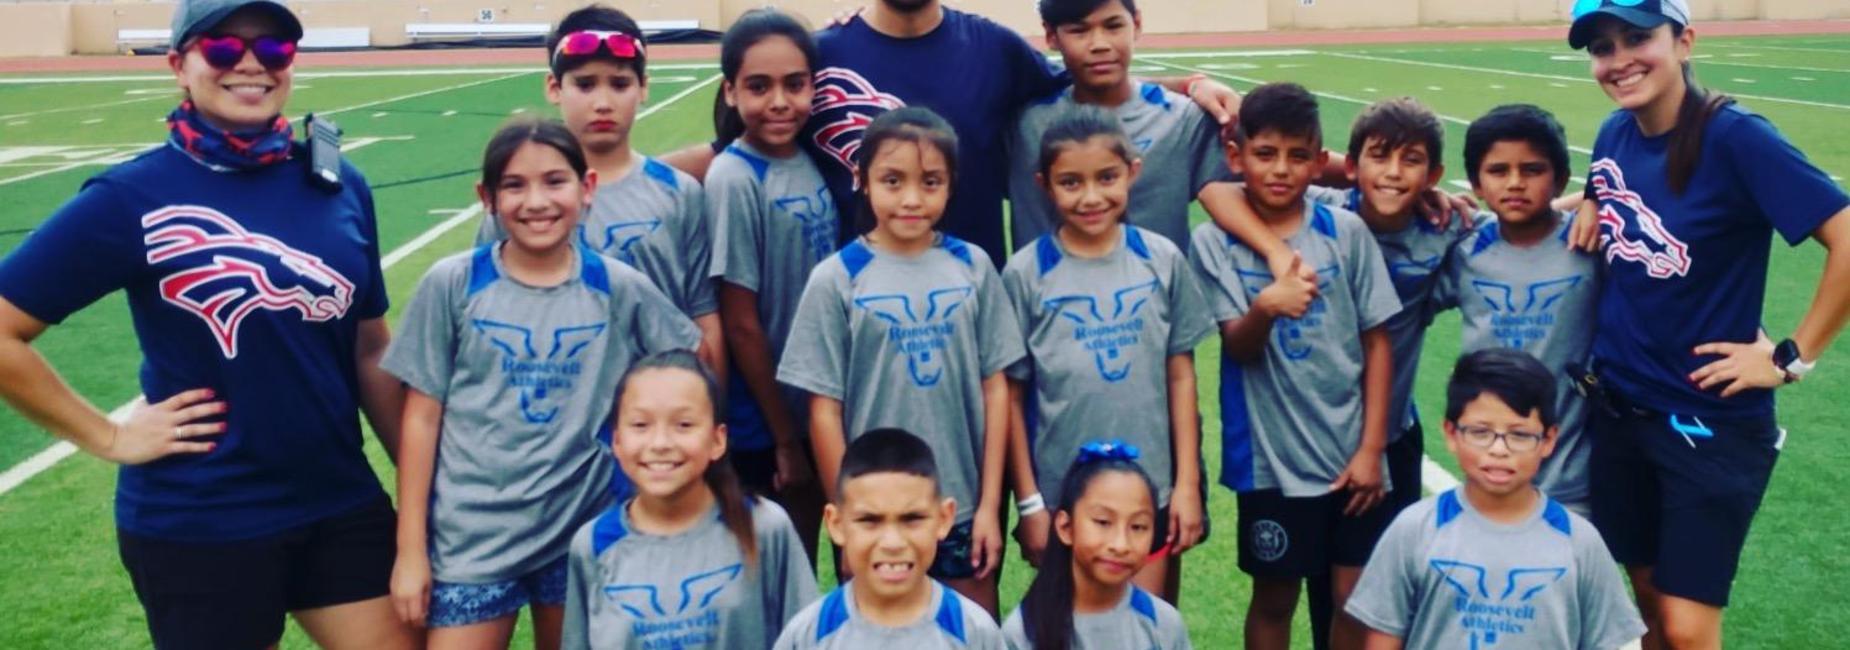 Roosevelt Broncos Track Team